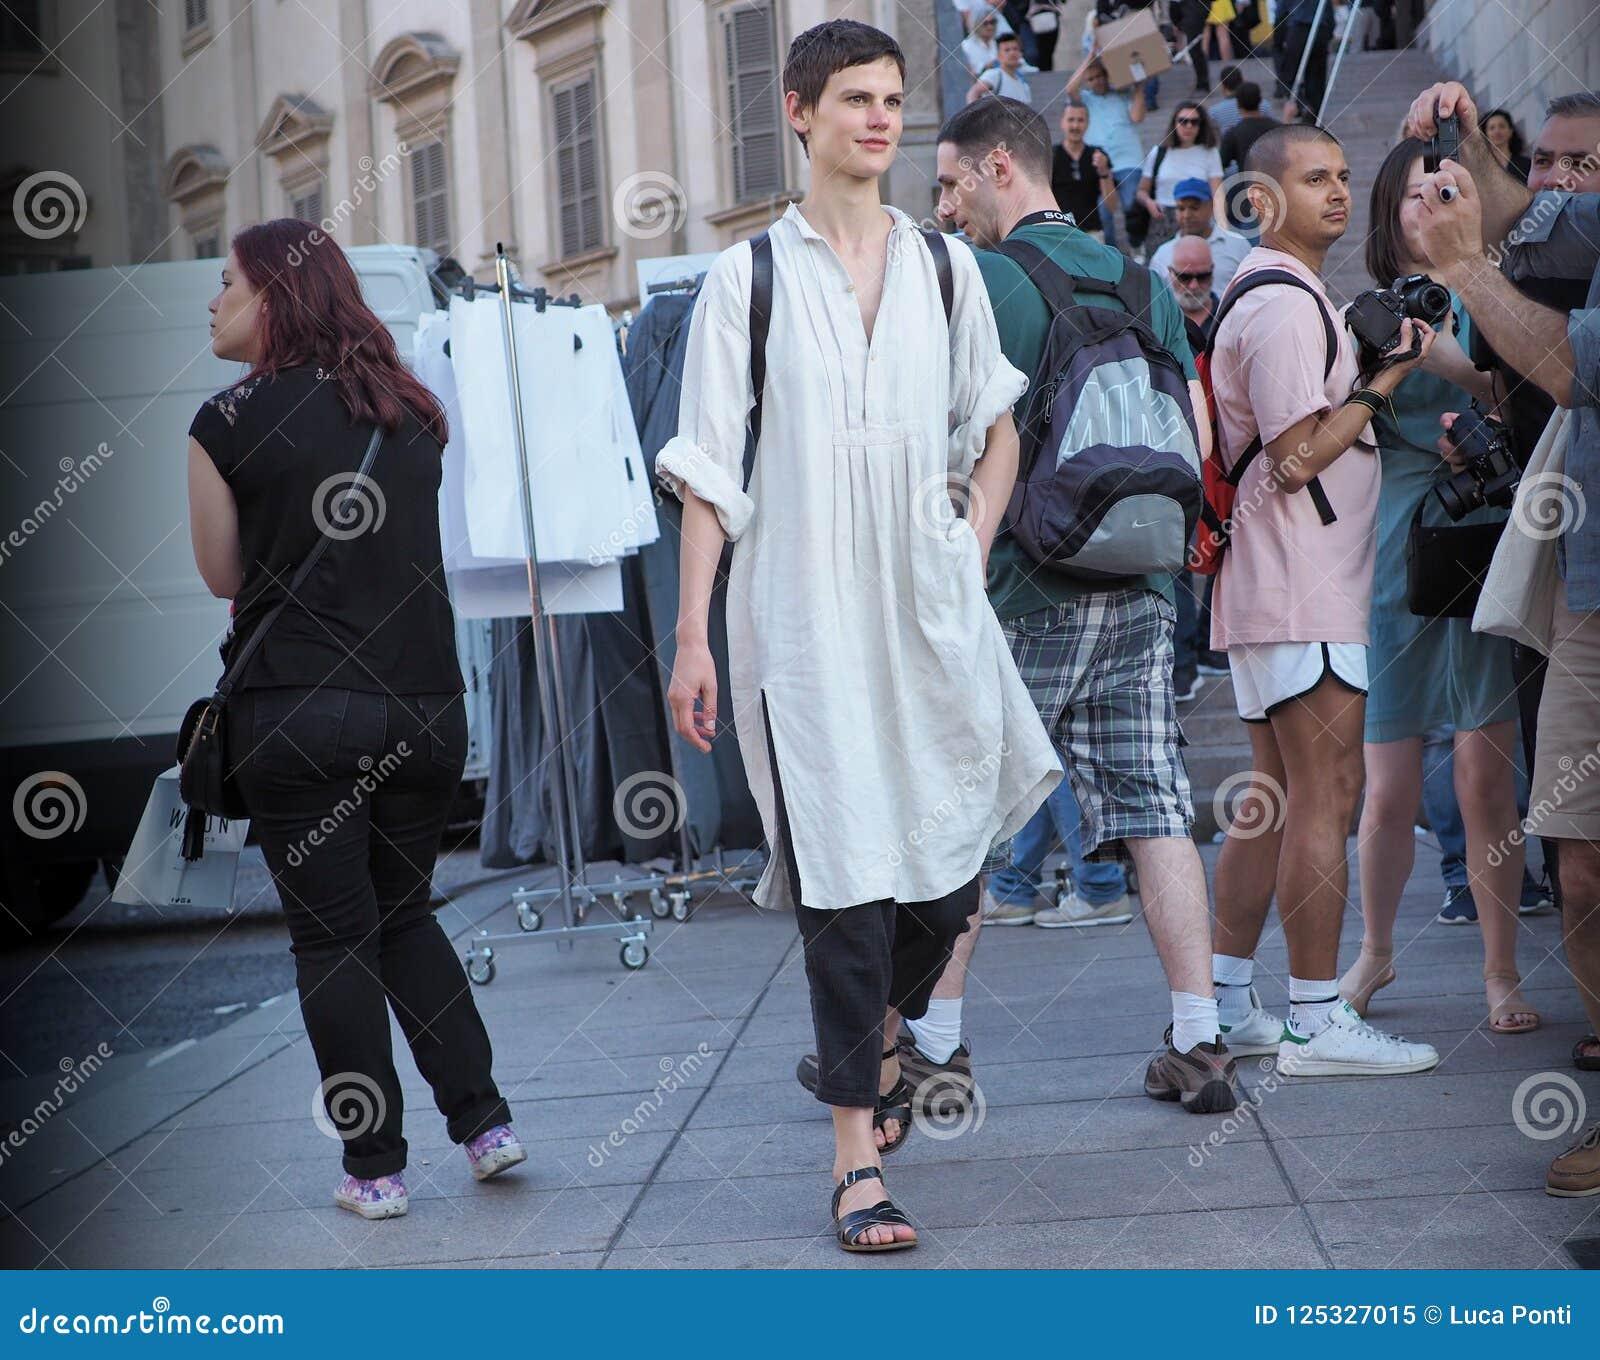 15 Italian It-Girls to Know During Milan FashionWeek